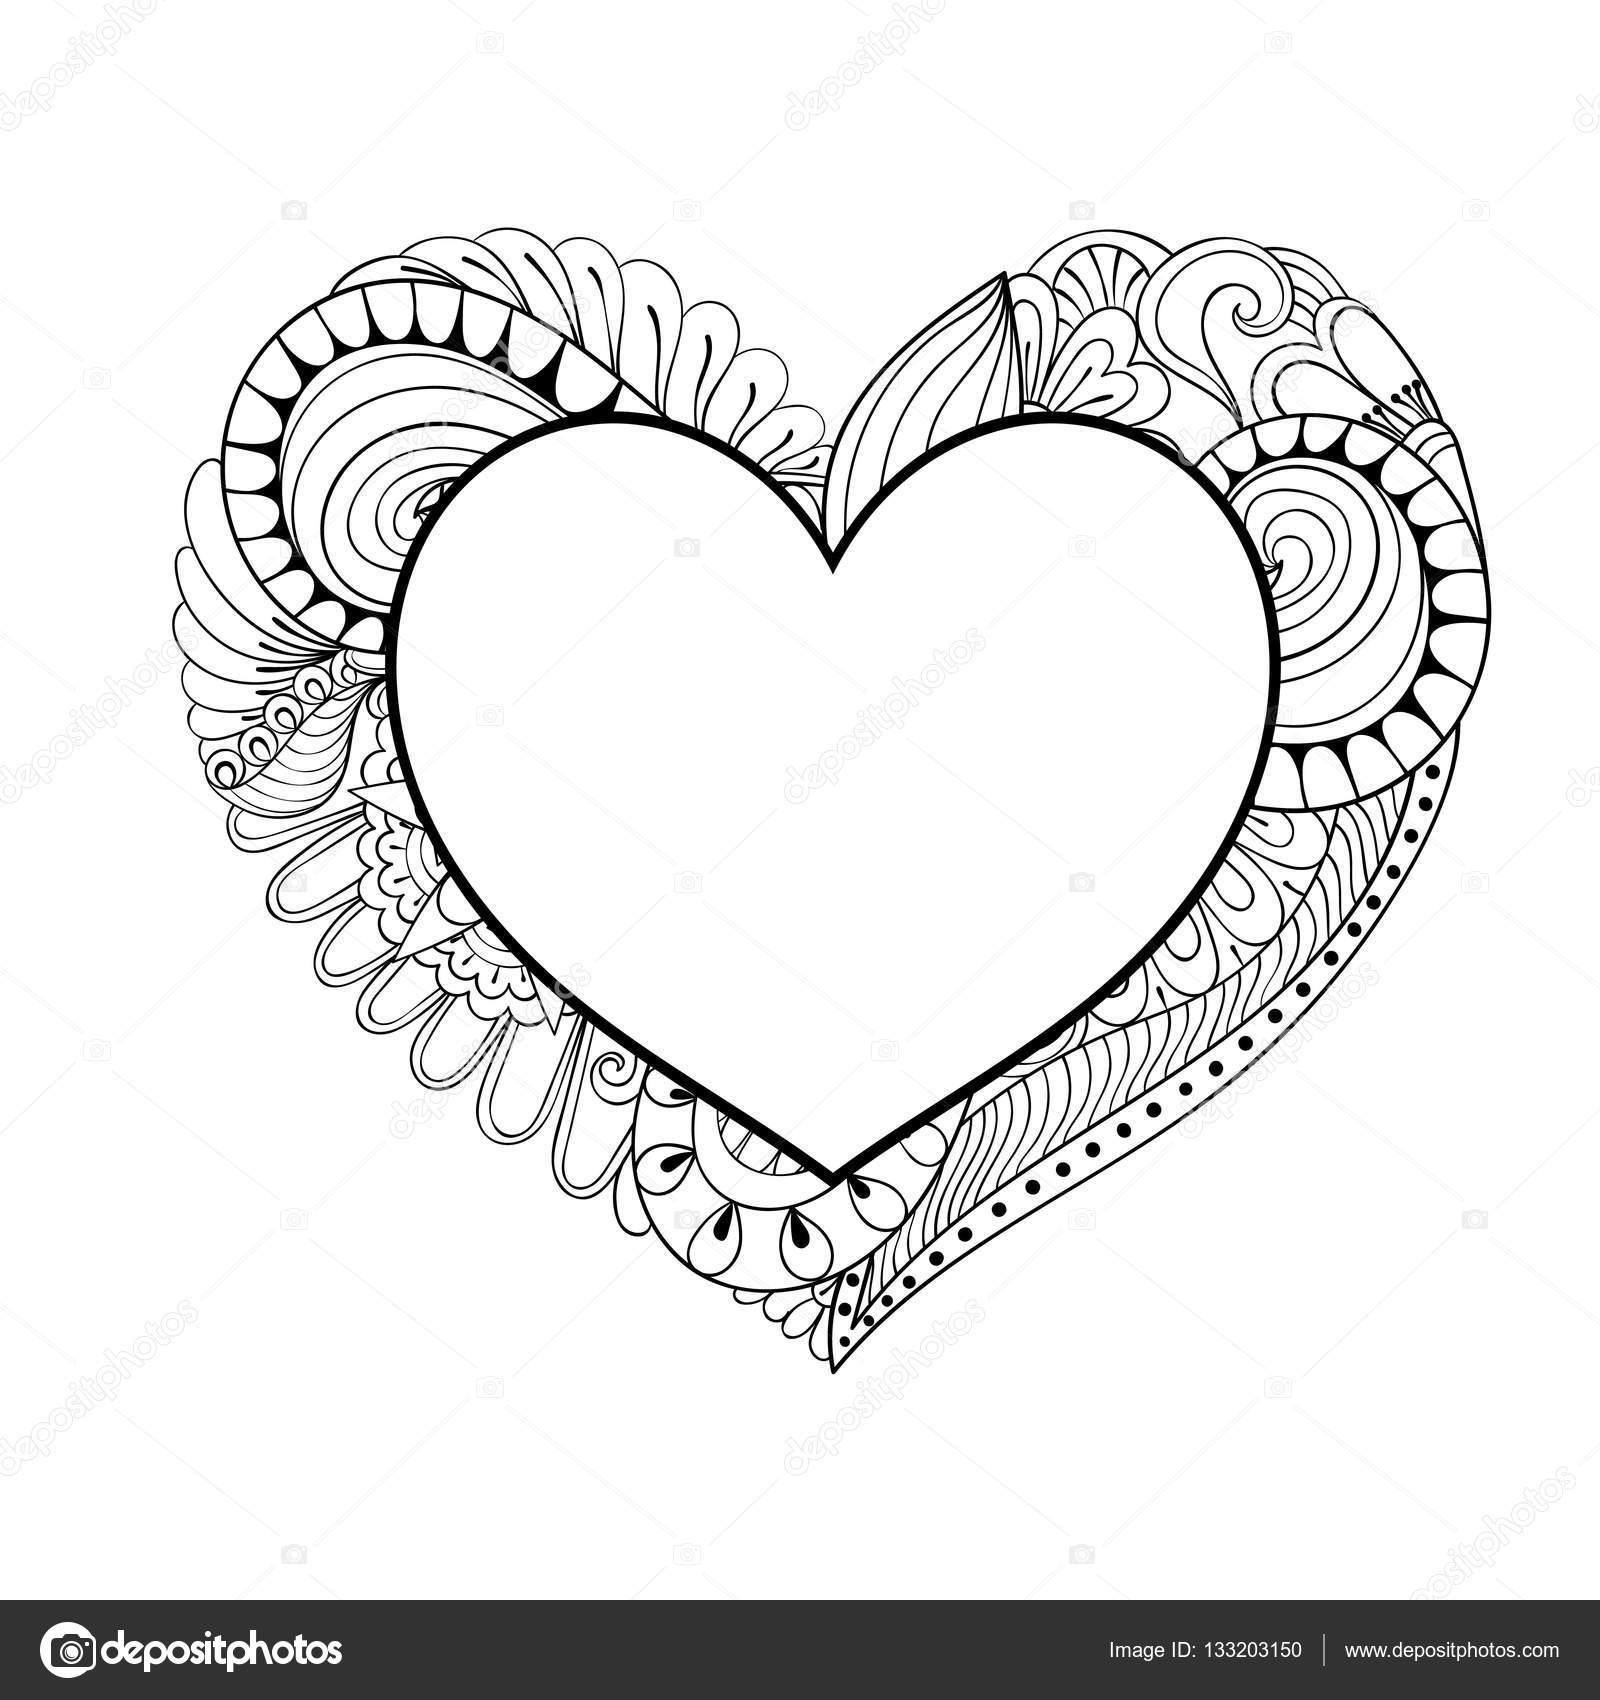 Volwassen Kleurplaten Hart.Floral Doodle Hart Frame In De Stijl Van De Zentangle Voor Volwassen